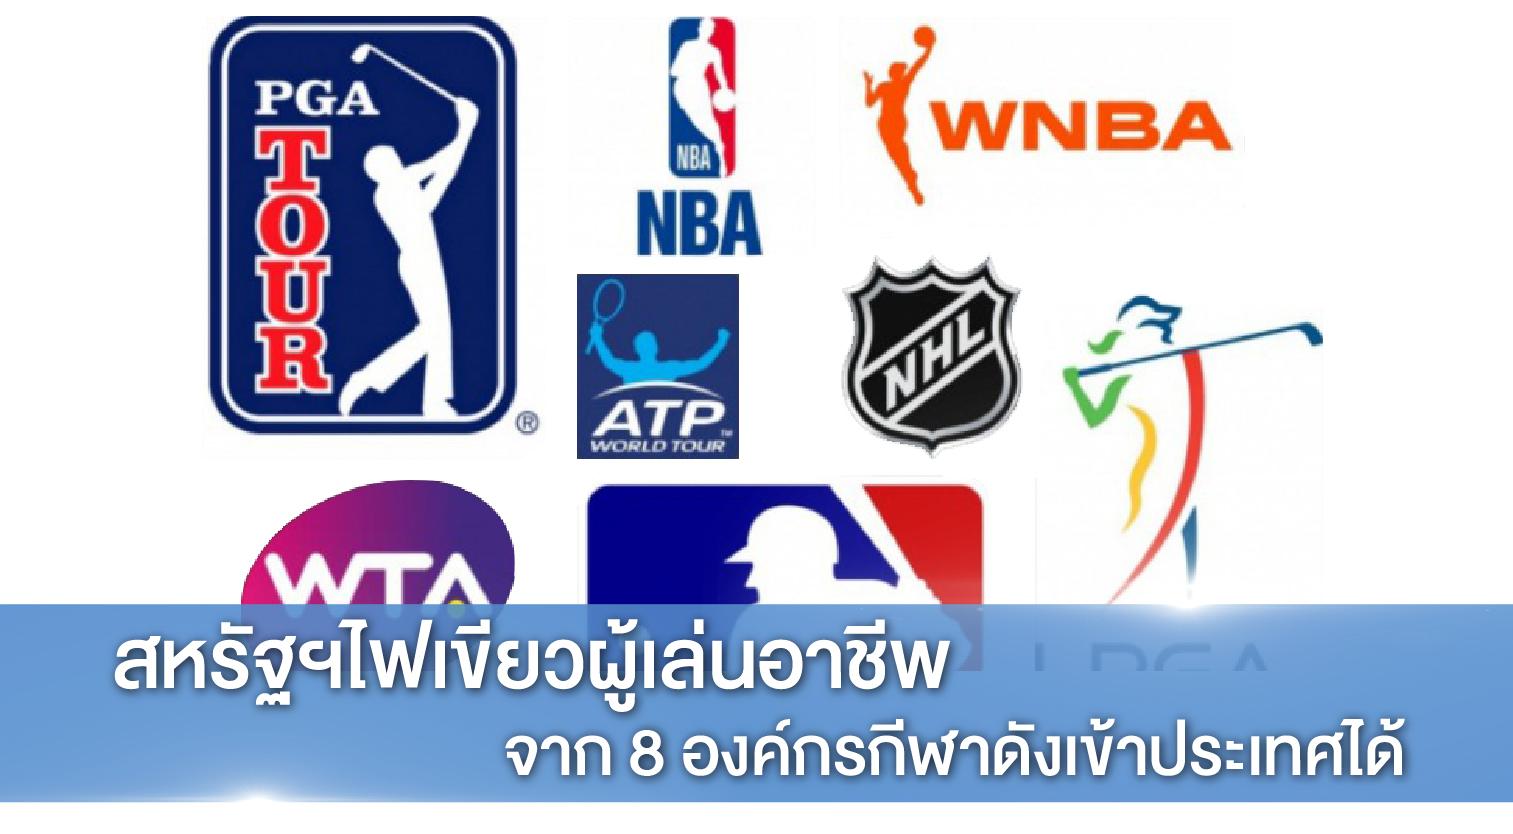 รัฐบาลมะกันไฟเขียวผู้เล่นอาชีพจาก 8 องค์กรกีฬาดังเข้าประเทศ